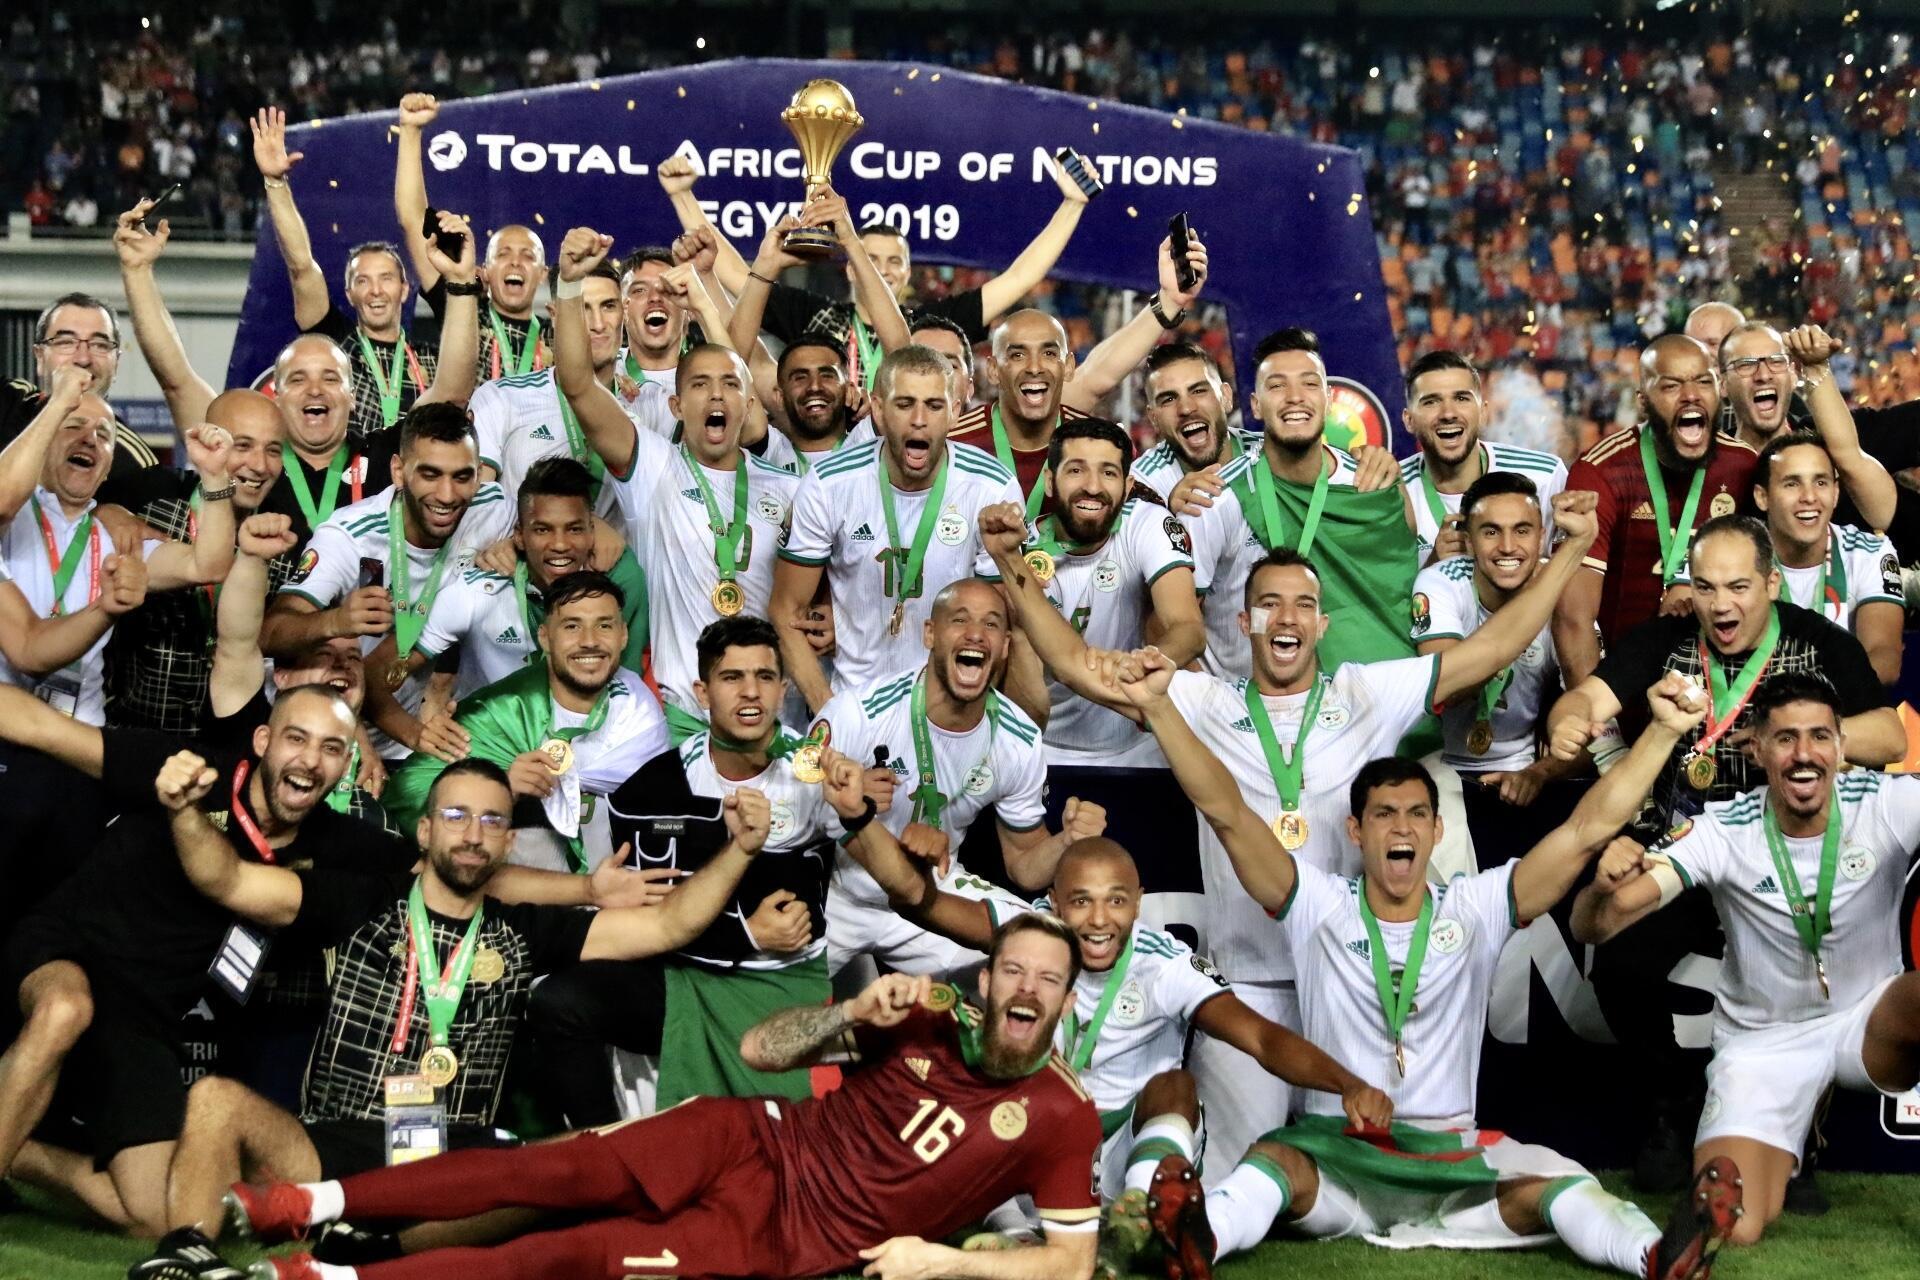 L'Algérie, vainqueur de la CAN 2019 en Egypte.